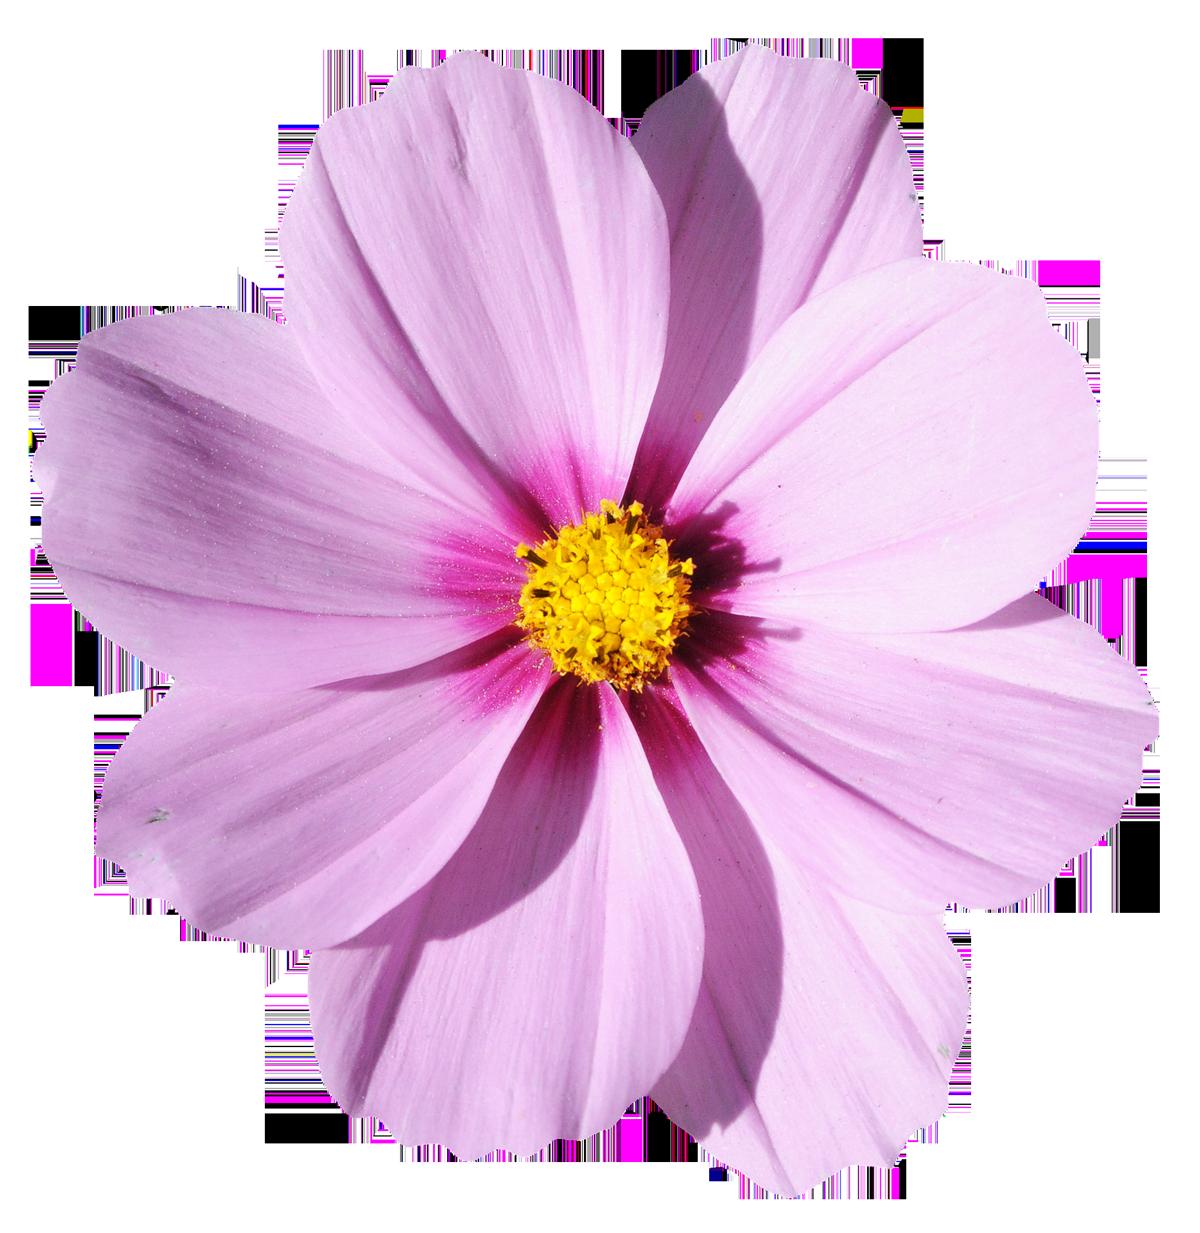 Blossom Flower Png Image Flower Png Images Transparent Flowers Blossom Flower